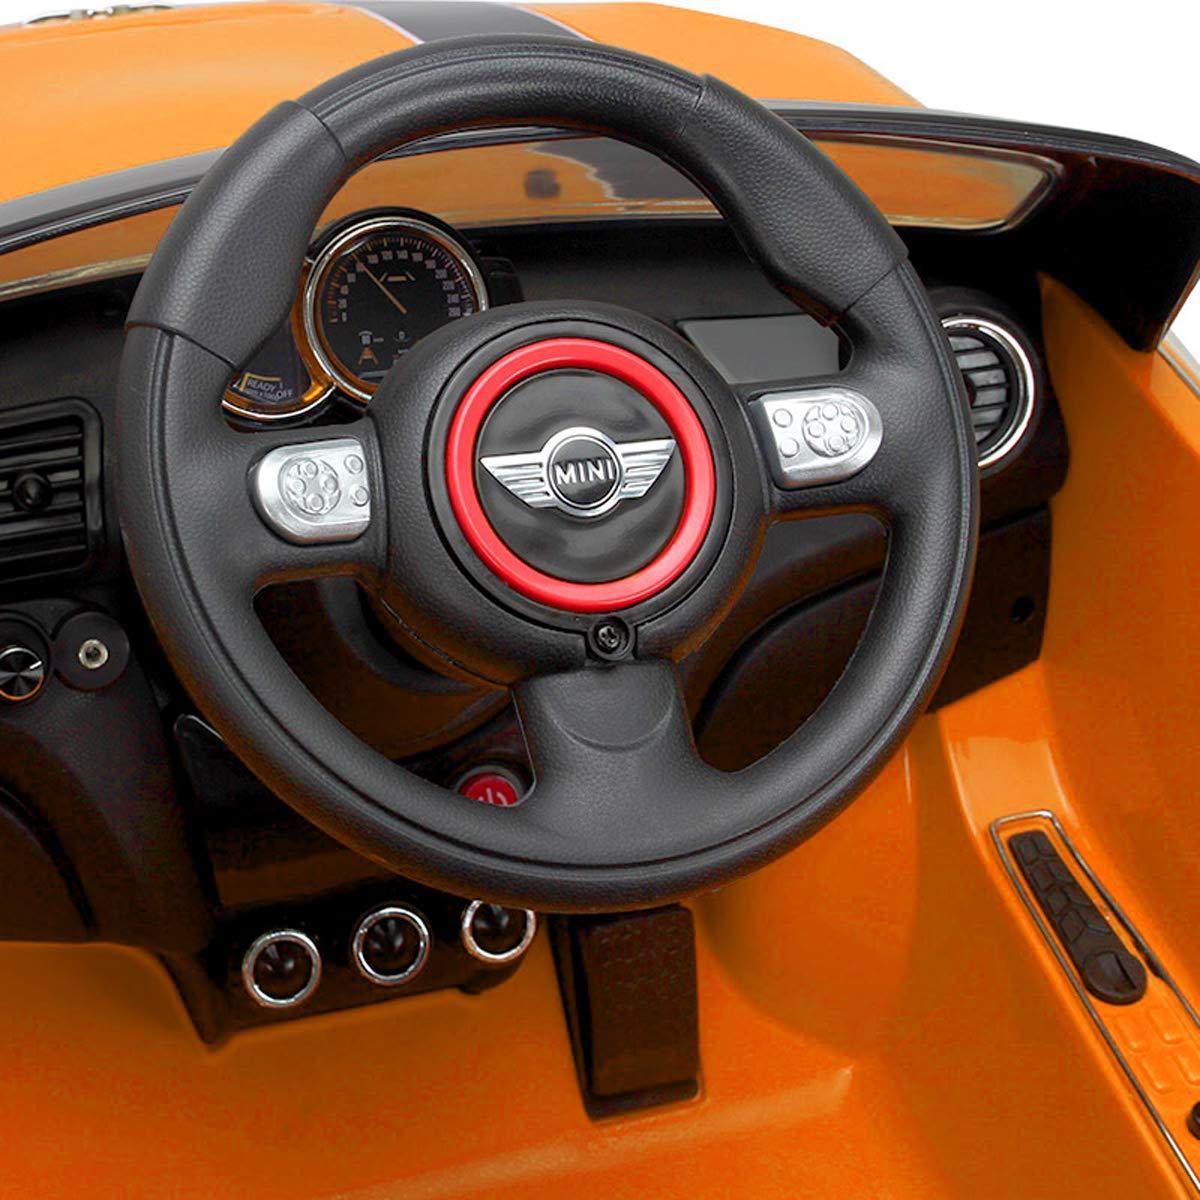 Playkin Coche Electrico Niños Mini Hatch, Color Amarillo: Amazon.es: Juguetes y juegos